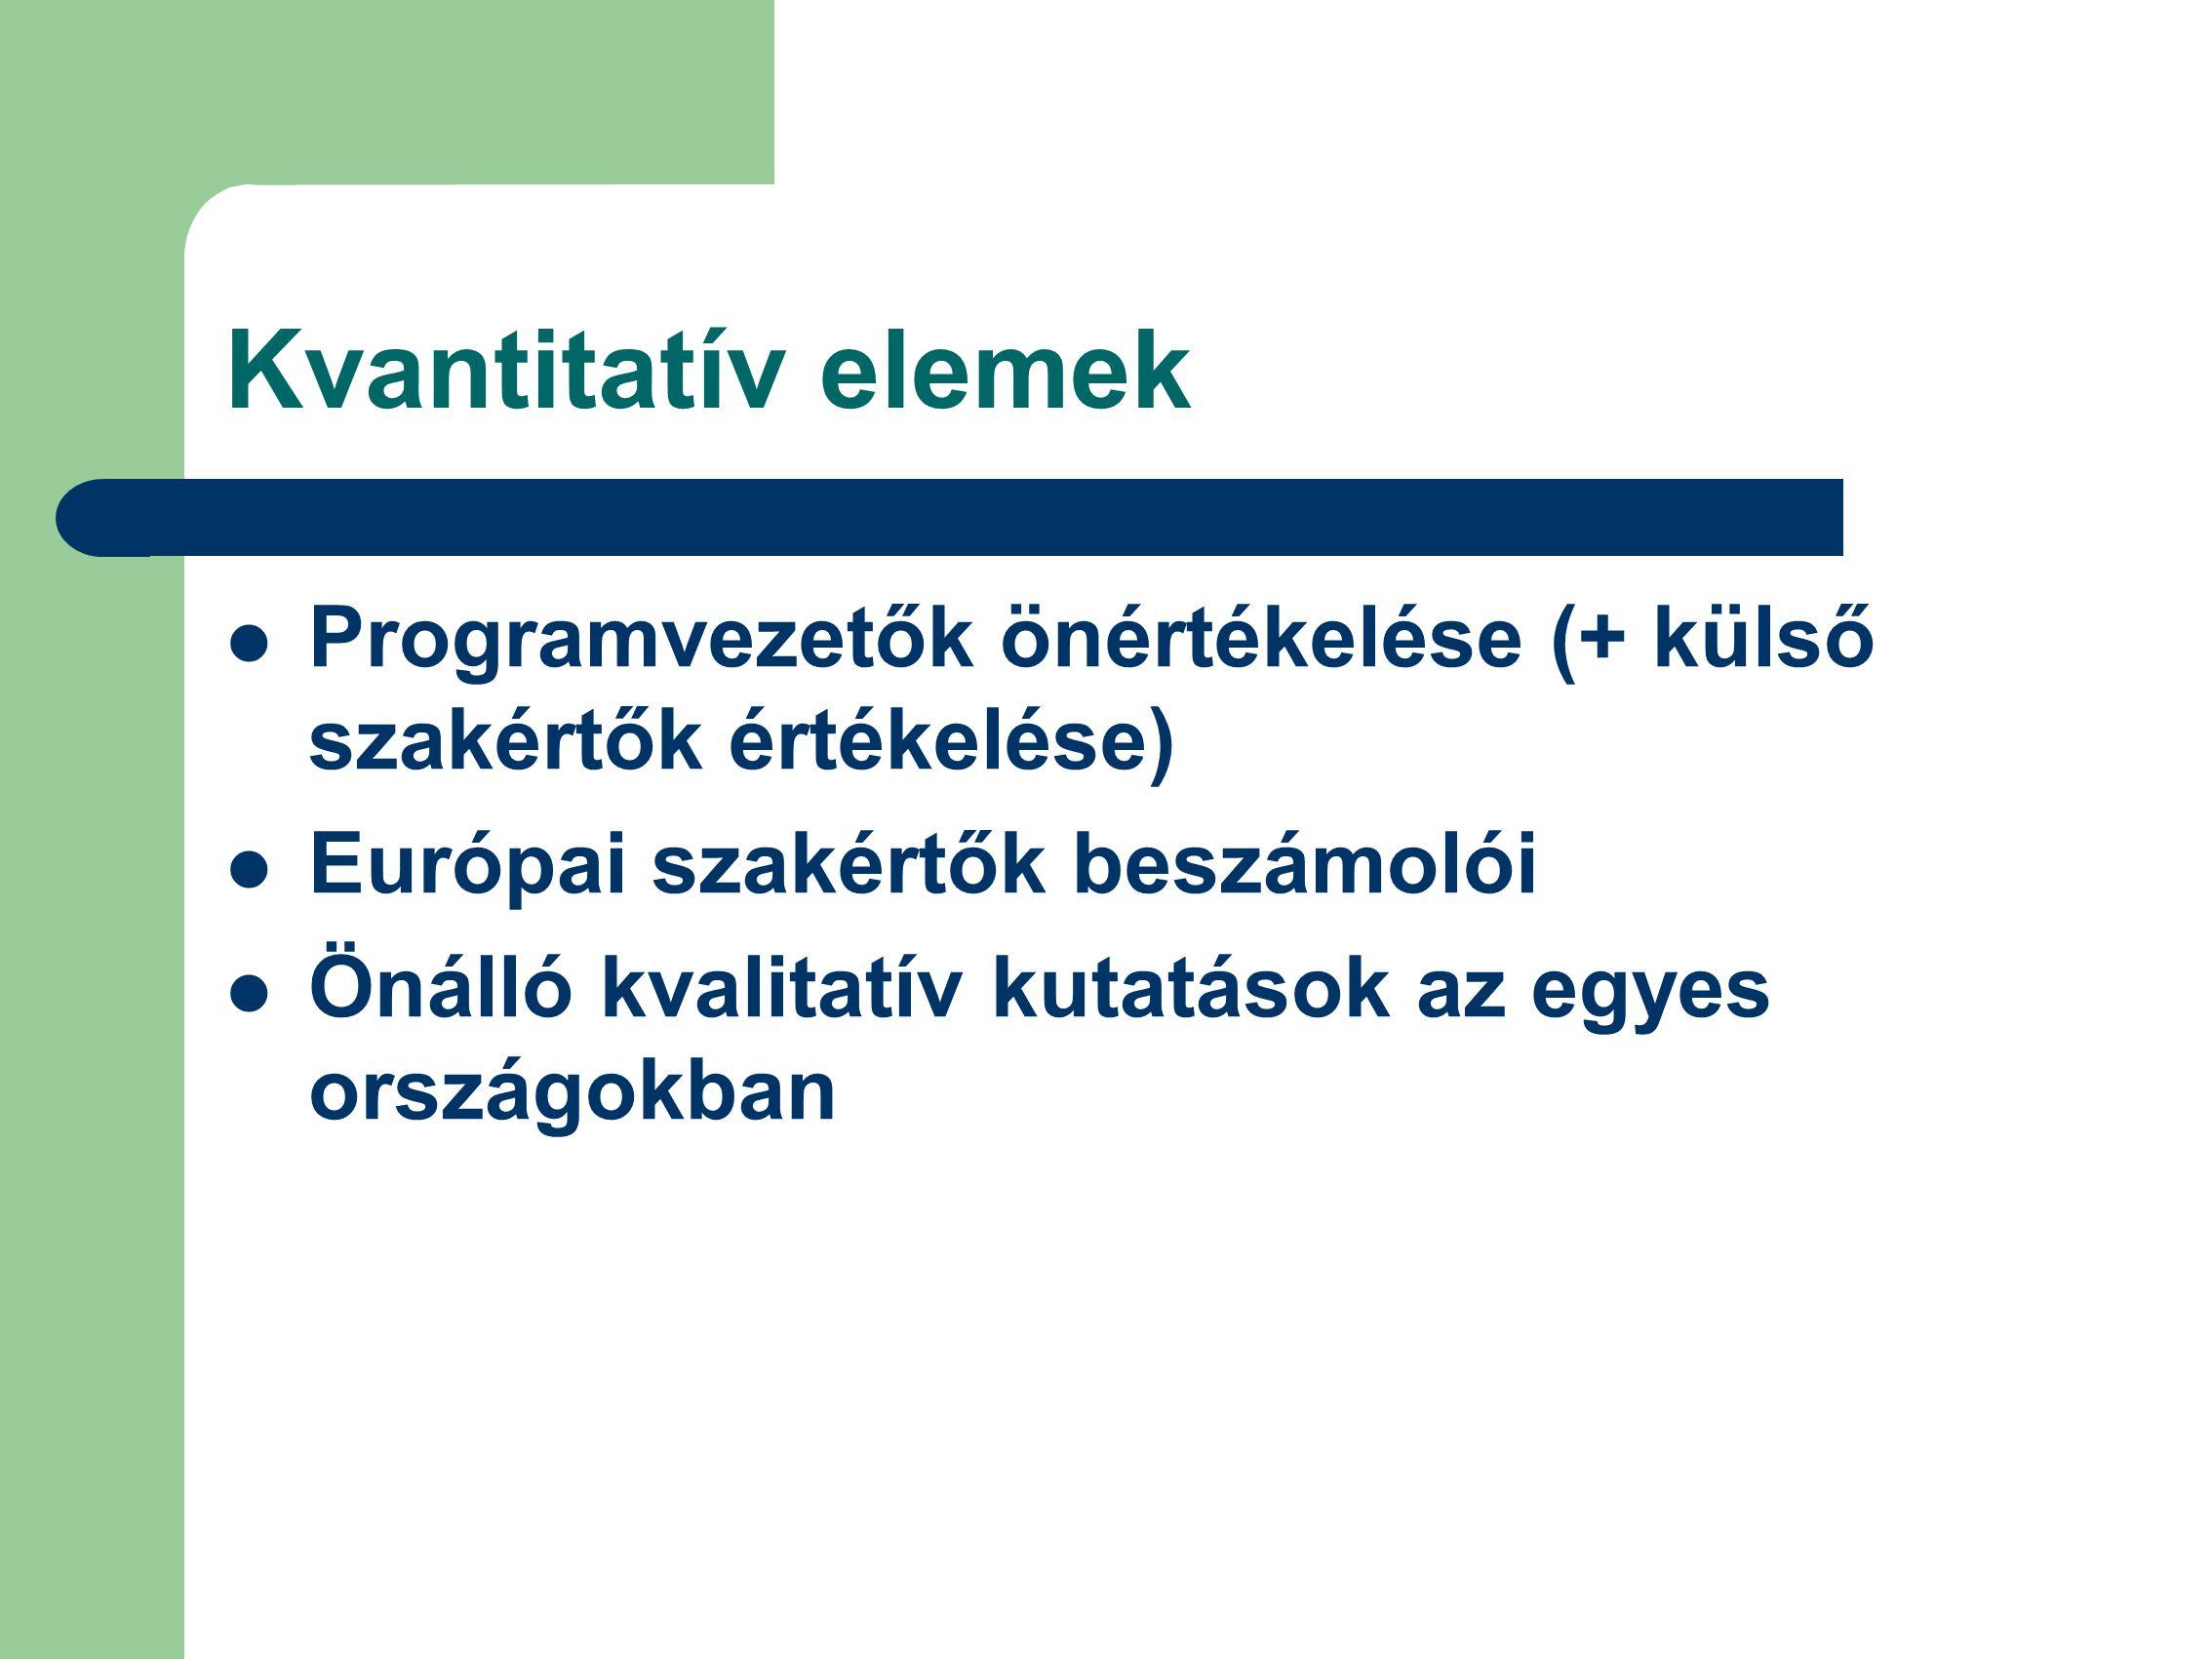 Kvantitatív elemek Programvezetők önértékelése (+ külső szakértők értékelése) Európai szakértők beszámolói Önálló kvalitatív kutatások az egyes ország